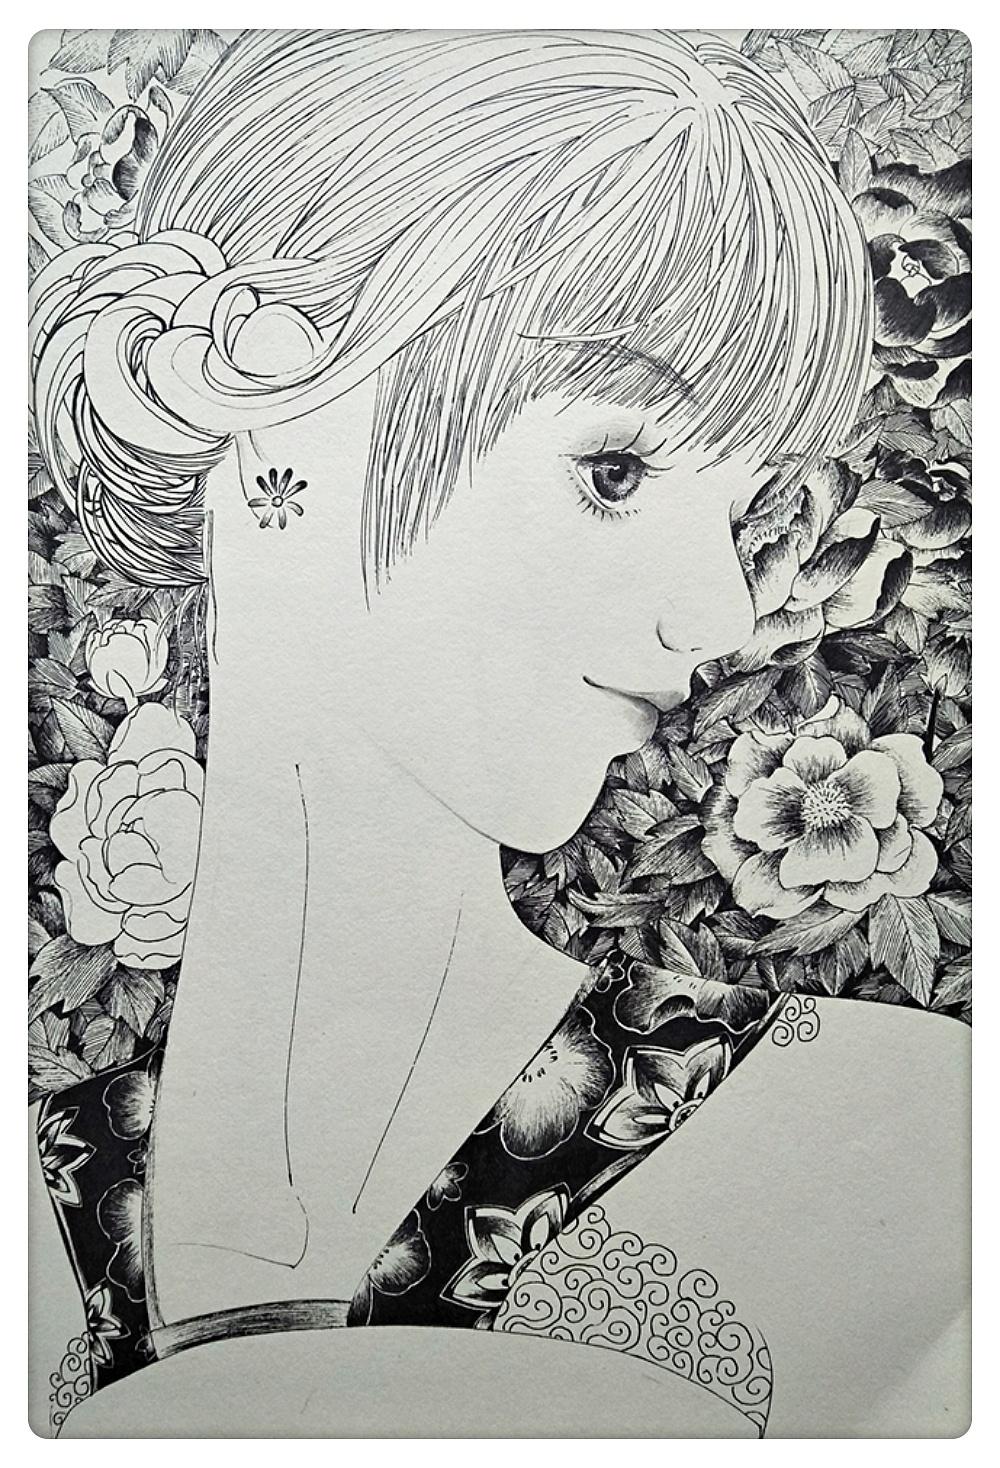 黑白线描人物插画|插画|其他插画|my柠檬 - 原创作品